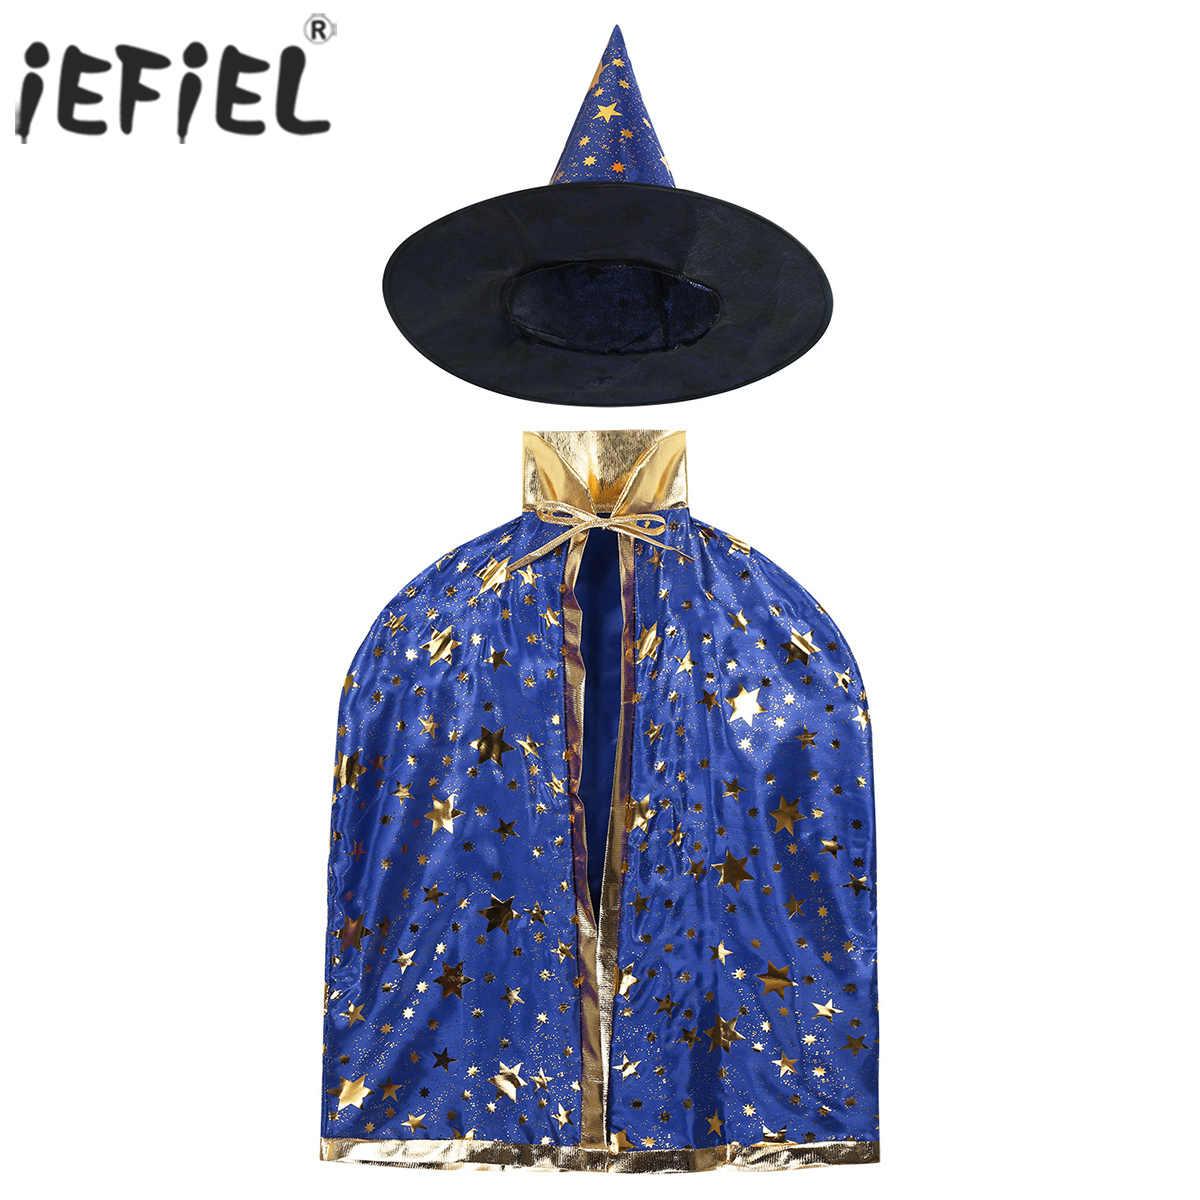 Anak-anak Anak-anak Caster Magic Halloween Kostum Penyihir Penyihir Jubah Cape dengan Menunjuk Topi Pakaian Set untuk Cosplay Gaun Pesta